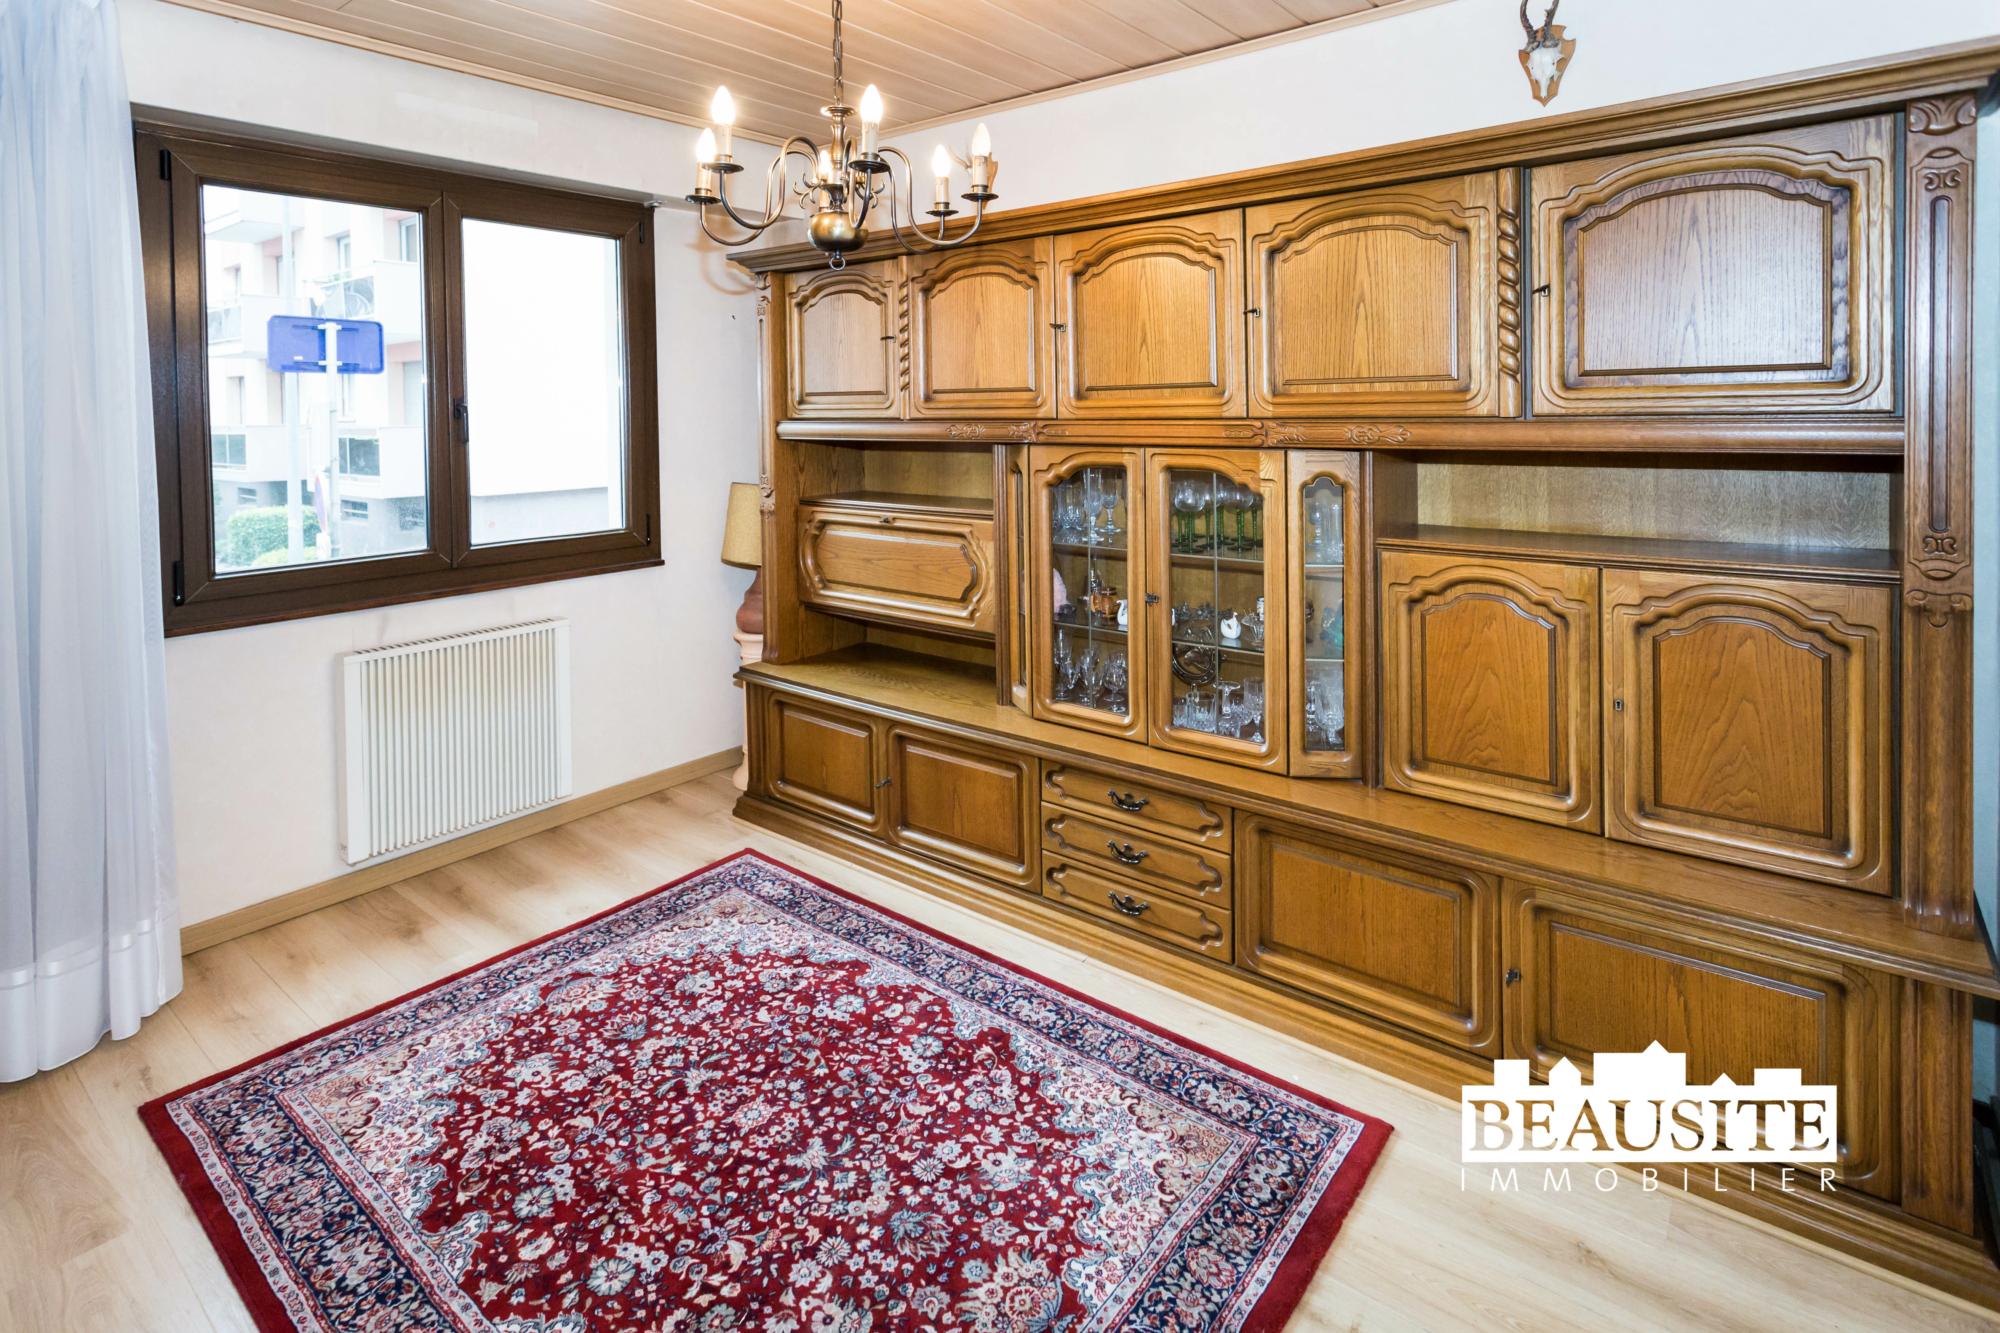 [Tonton] Un appartement familial avec balcon et garage - Neudorf / rue Saint-Amarin - nos ventes - Beausite Immobilier 7